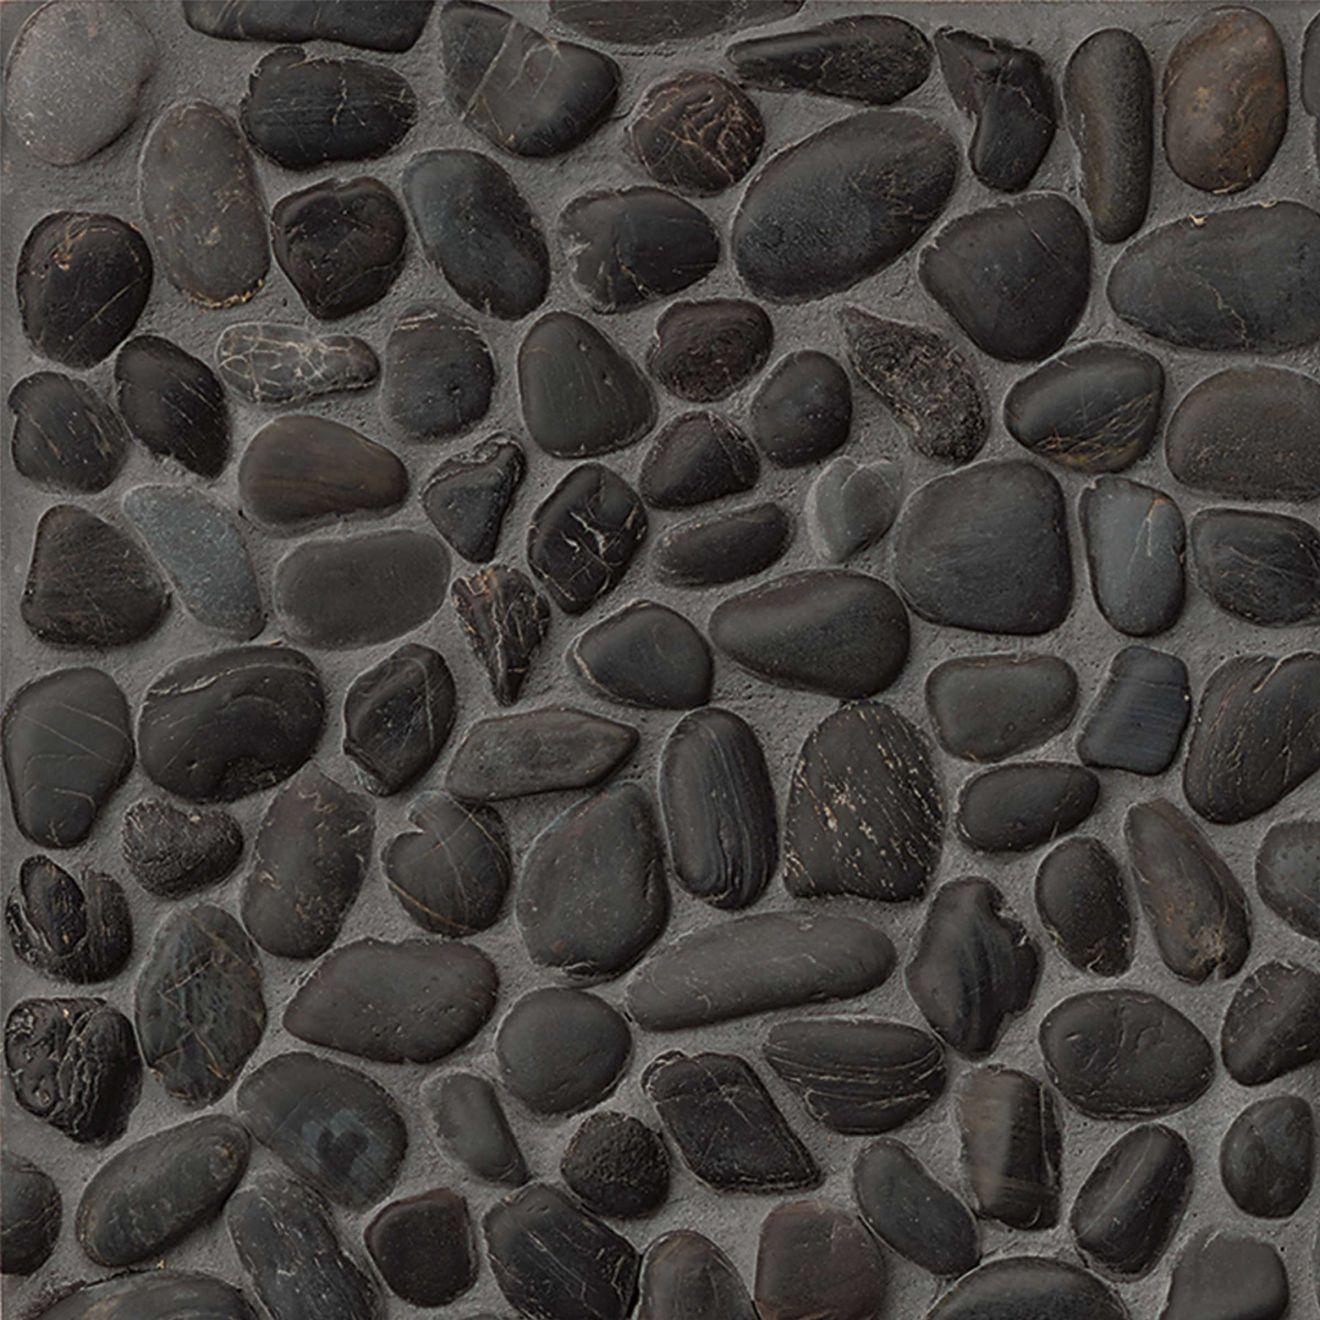 Hemisphere Floor & Wall Mosaic in Panther Black